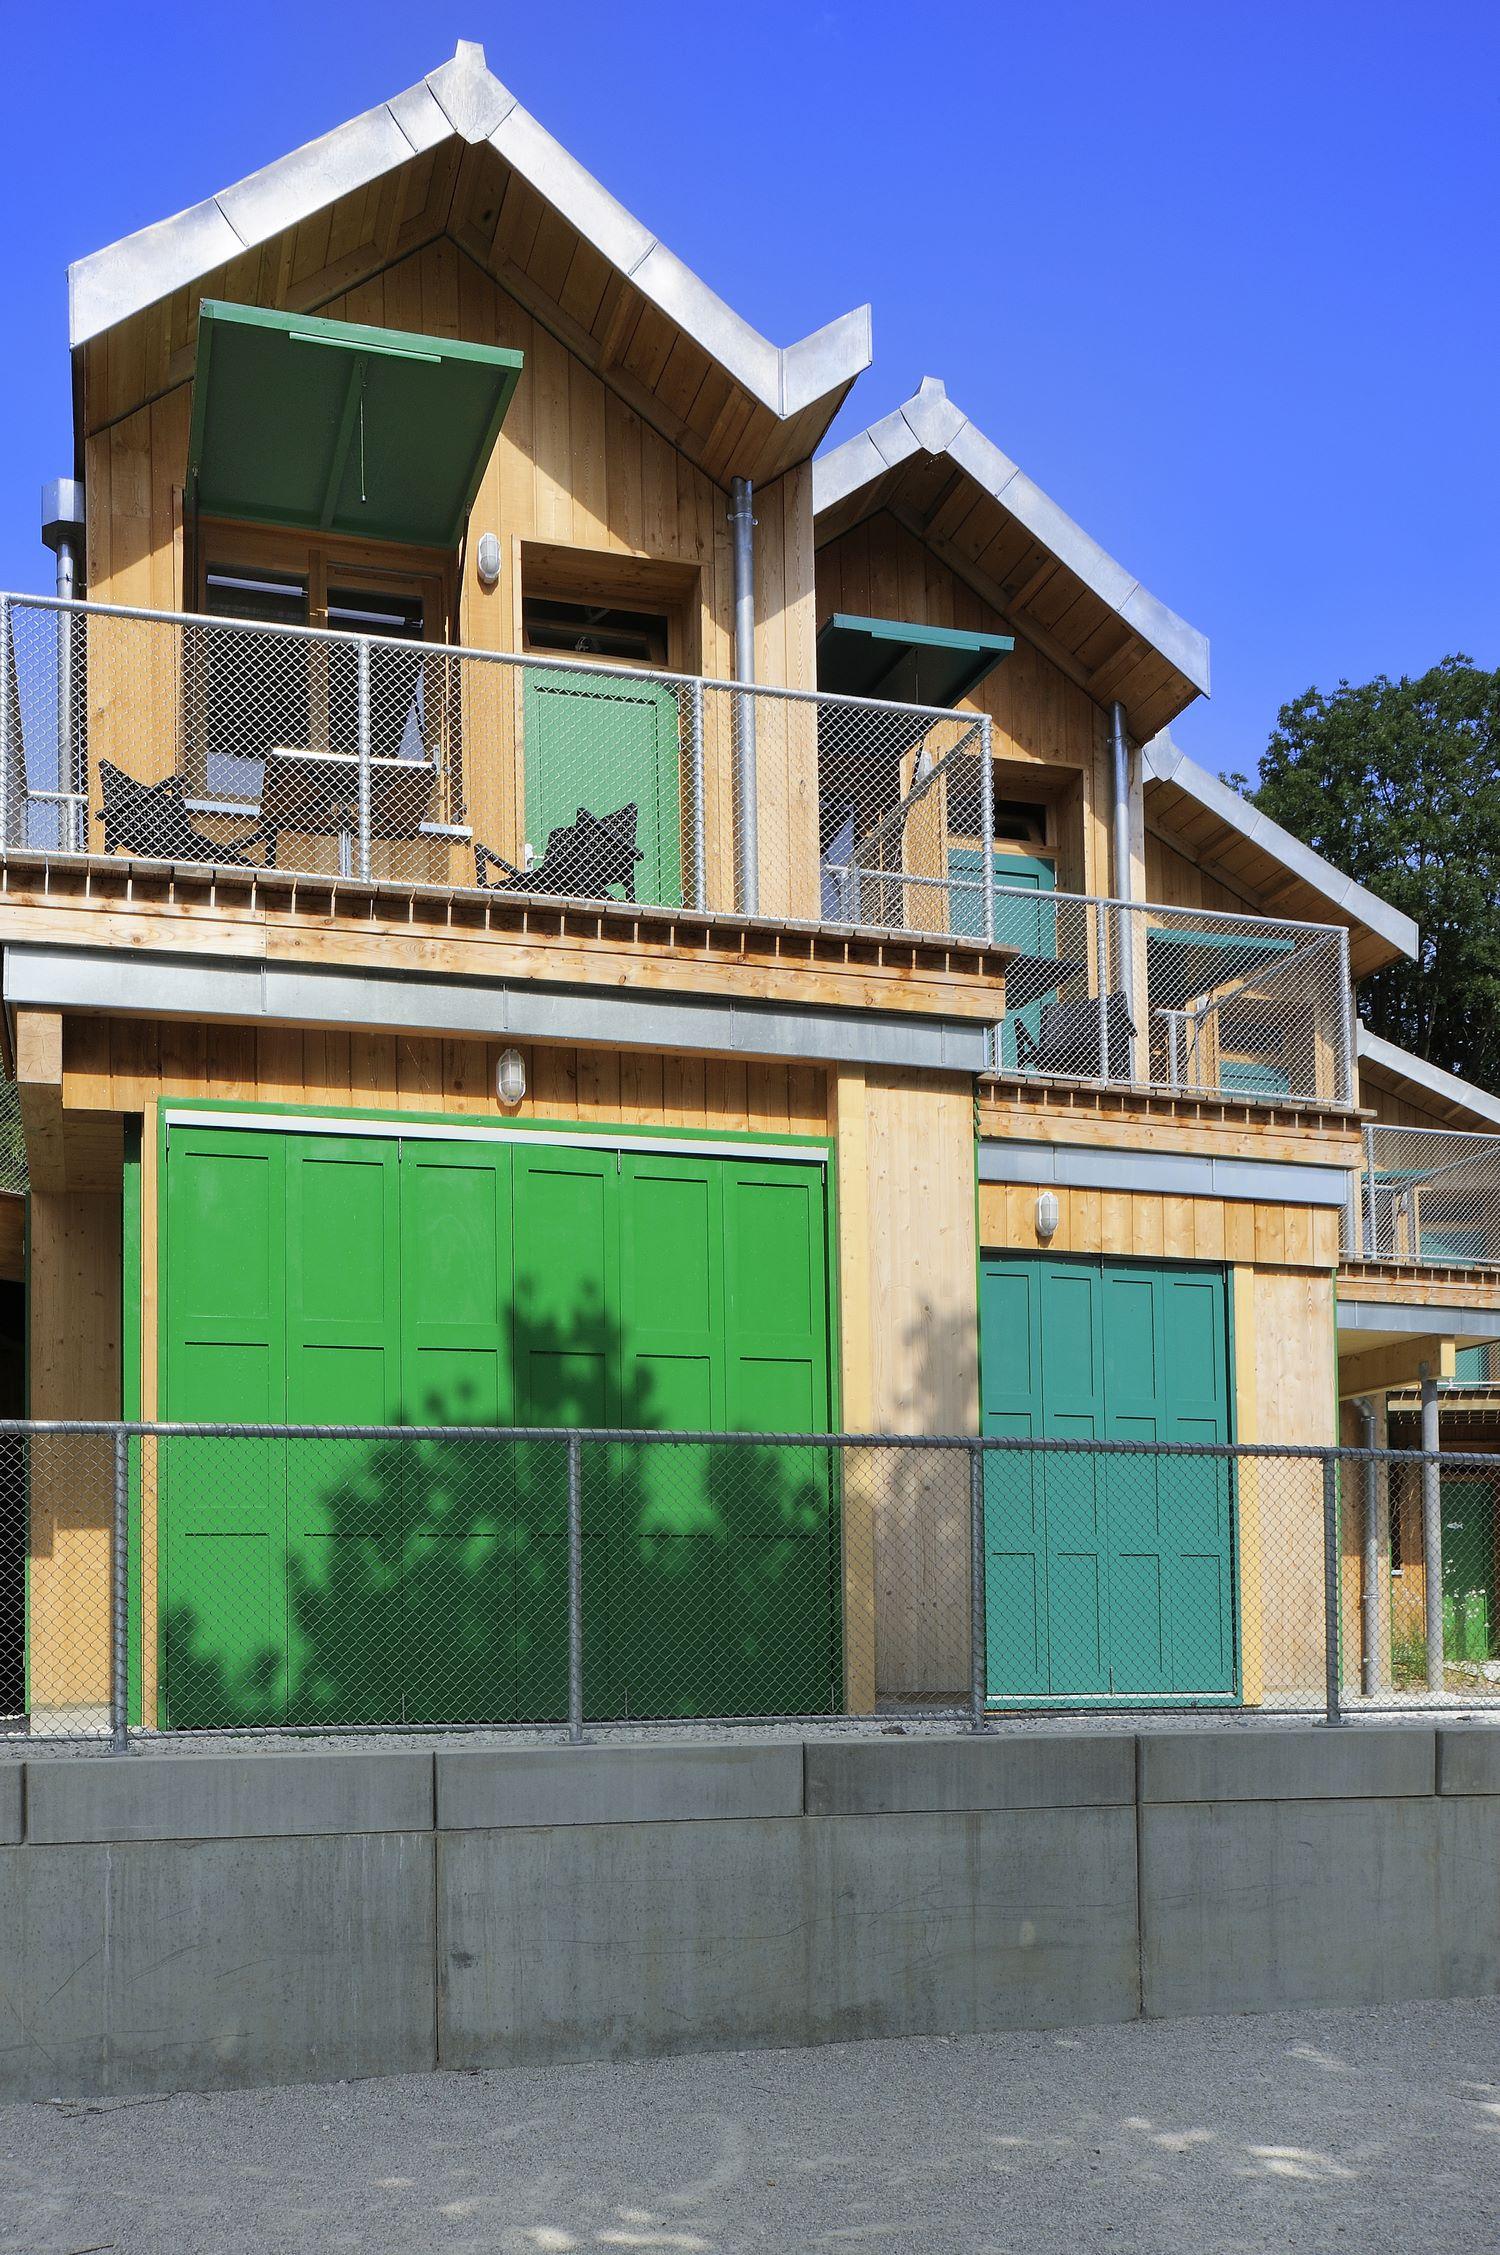 patey architectes - reconstruction et aménagement du site de la maison des pêcheurs au viviers du lac - savoie